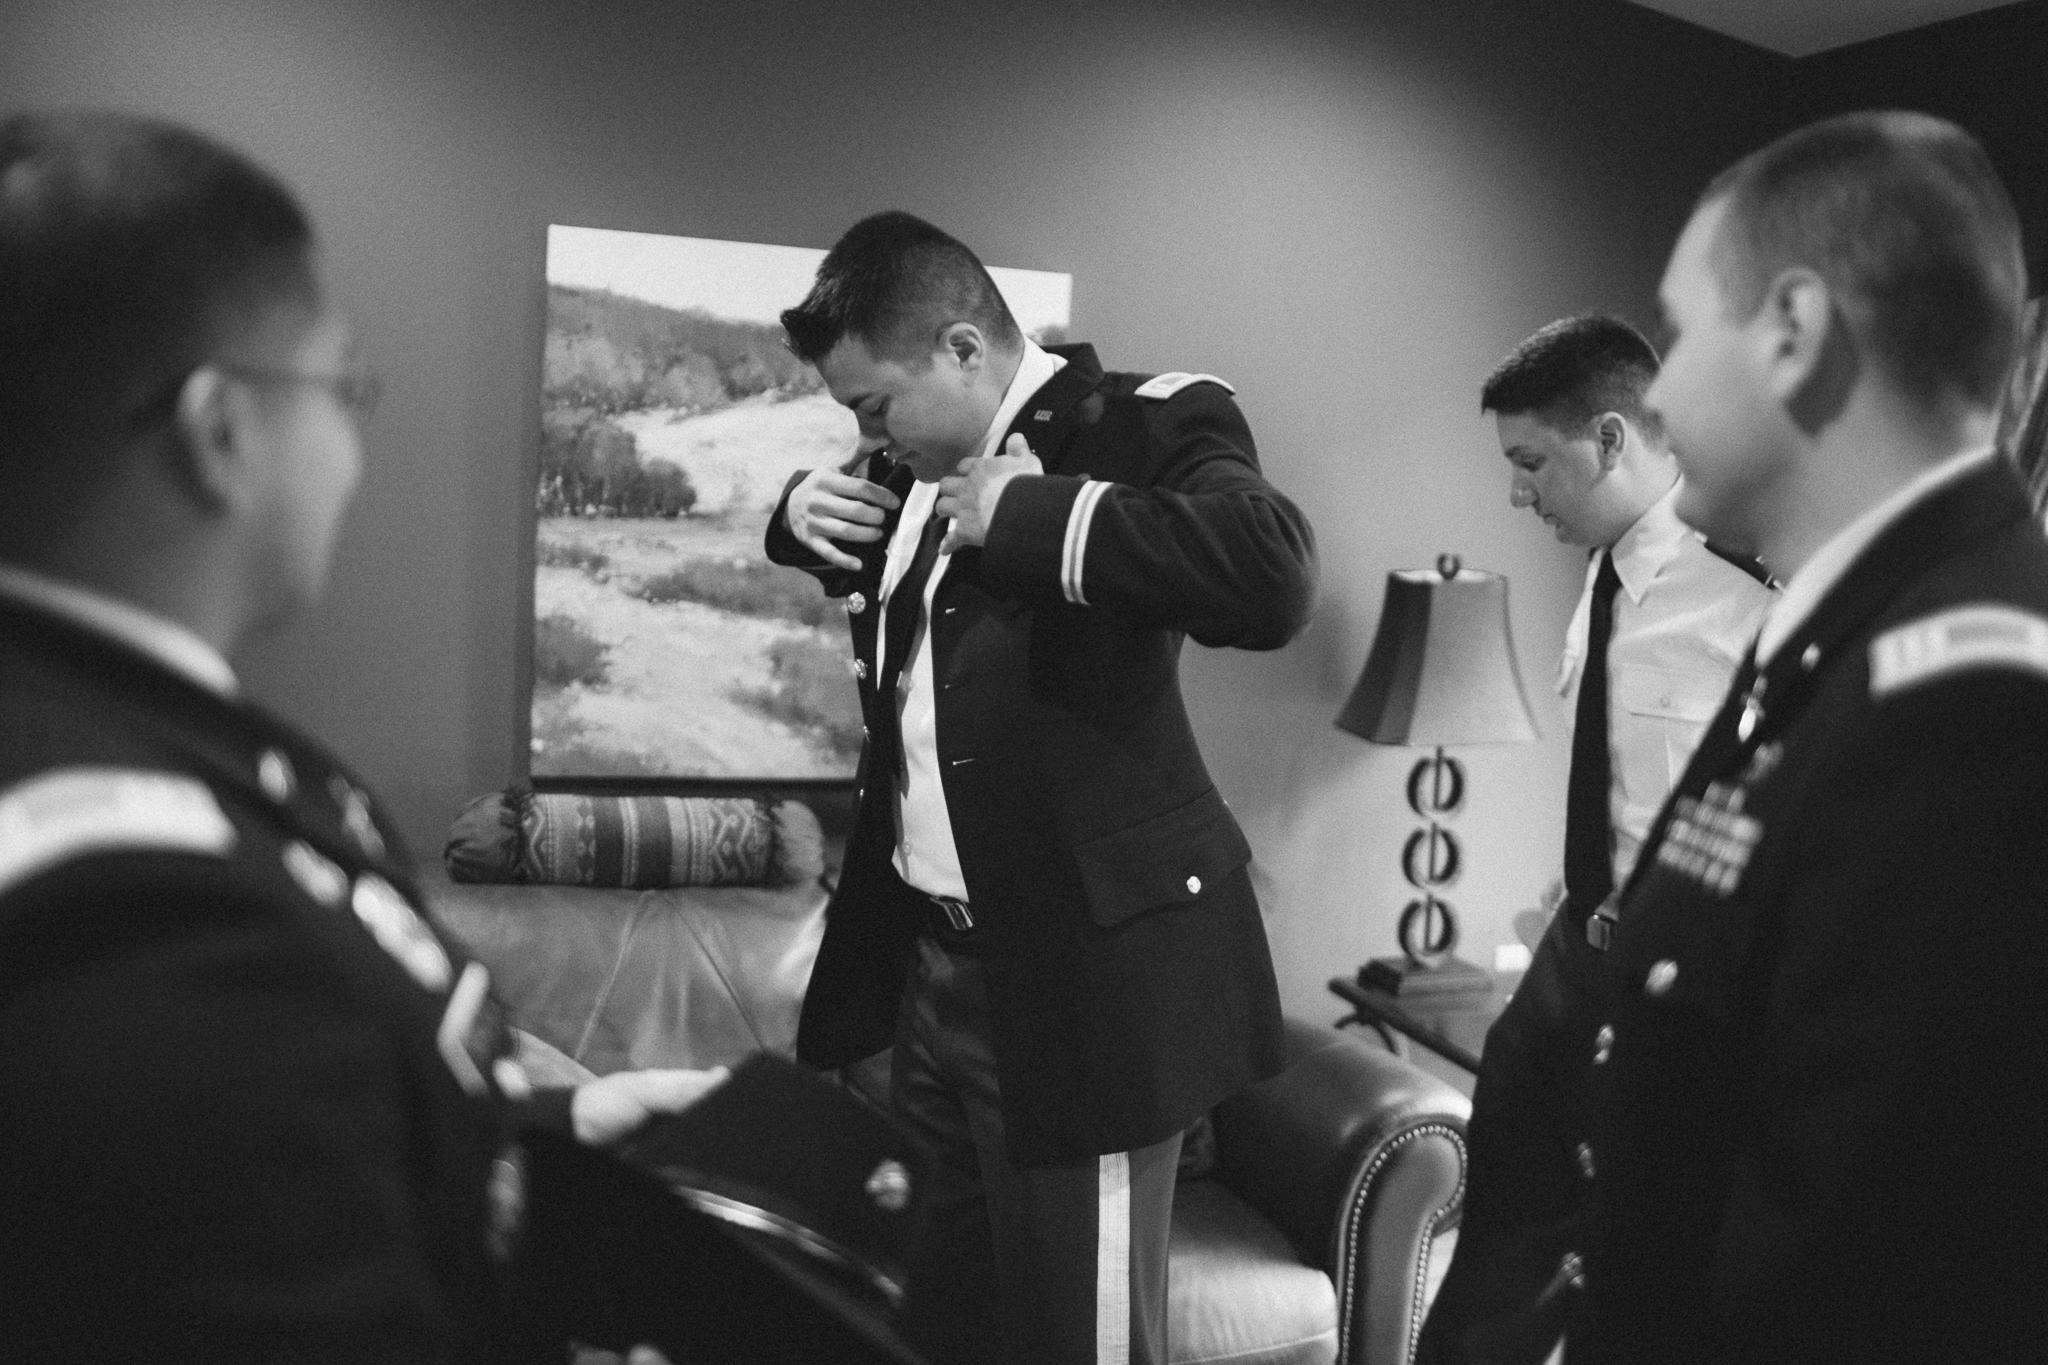 Salt-Lick-Austin-Wedding-Photographer-034.jpg